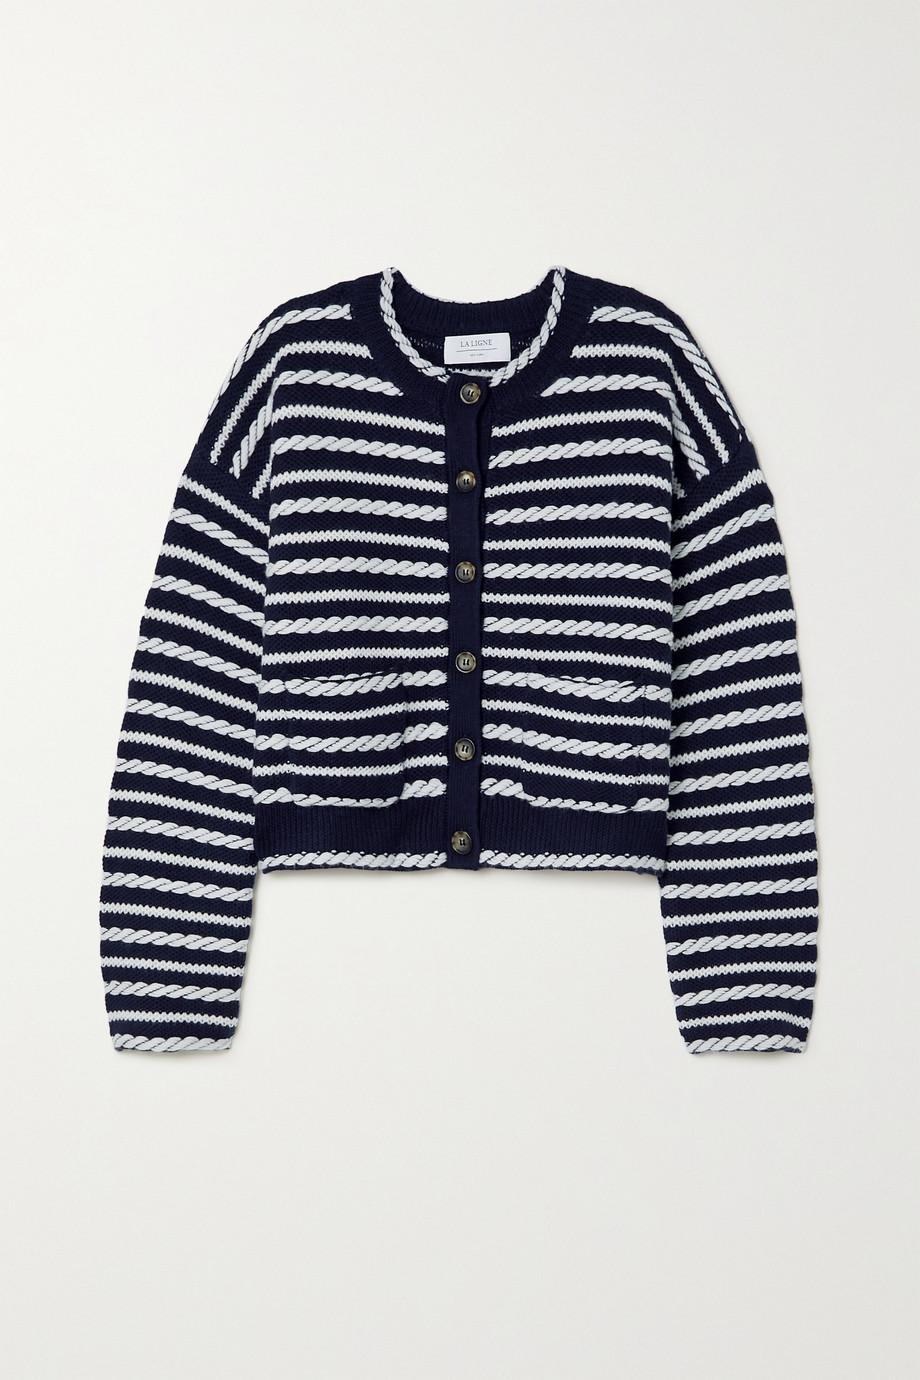 La Ligne Gabrielle braided wool cardigan